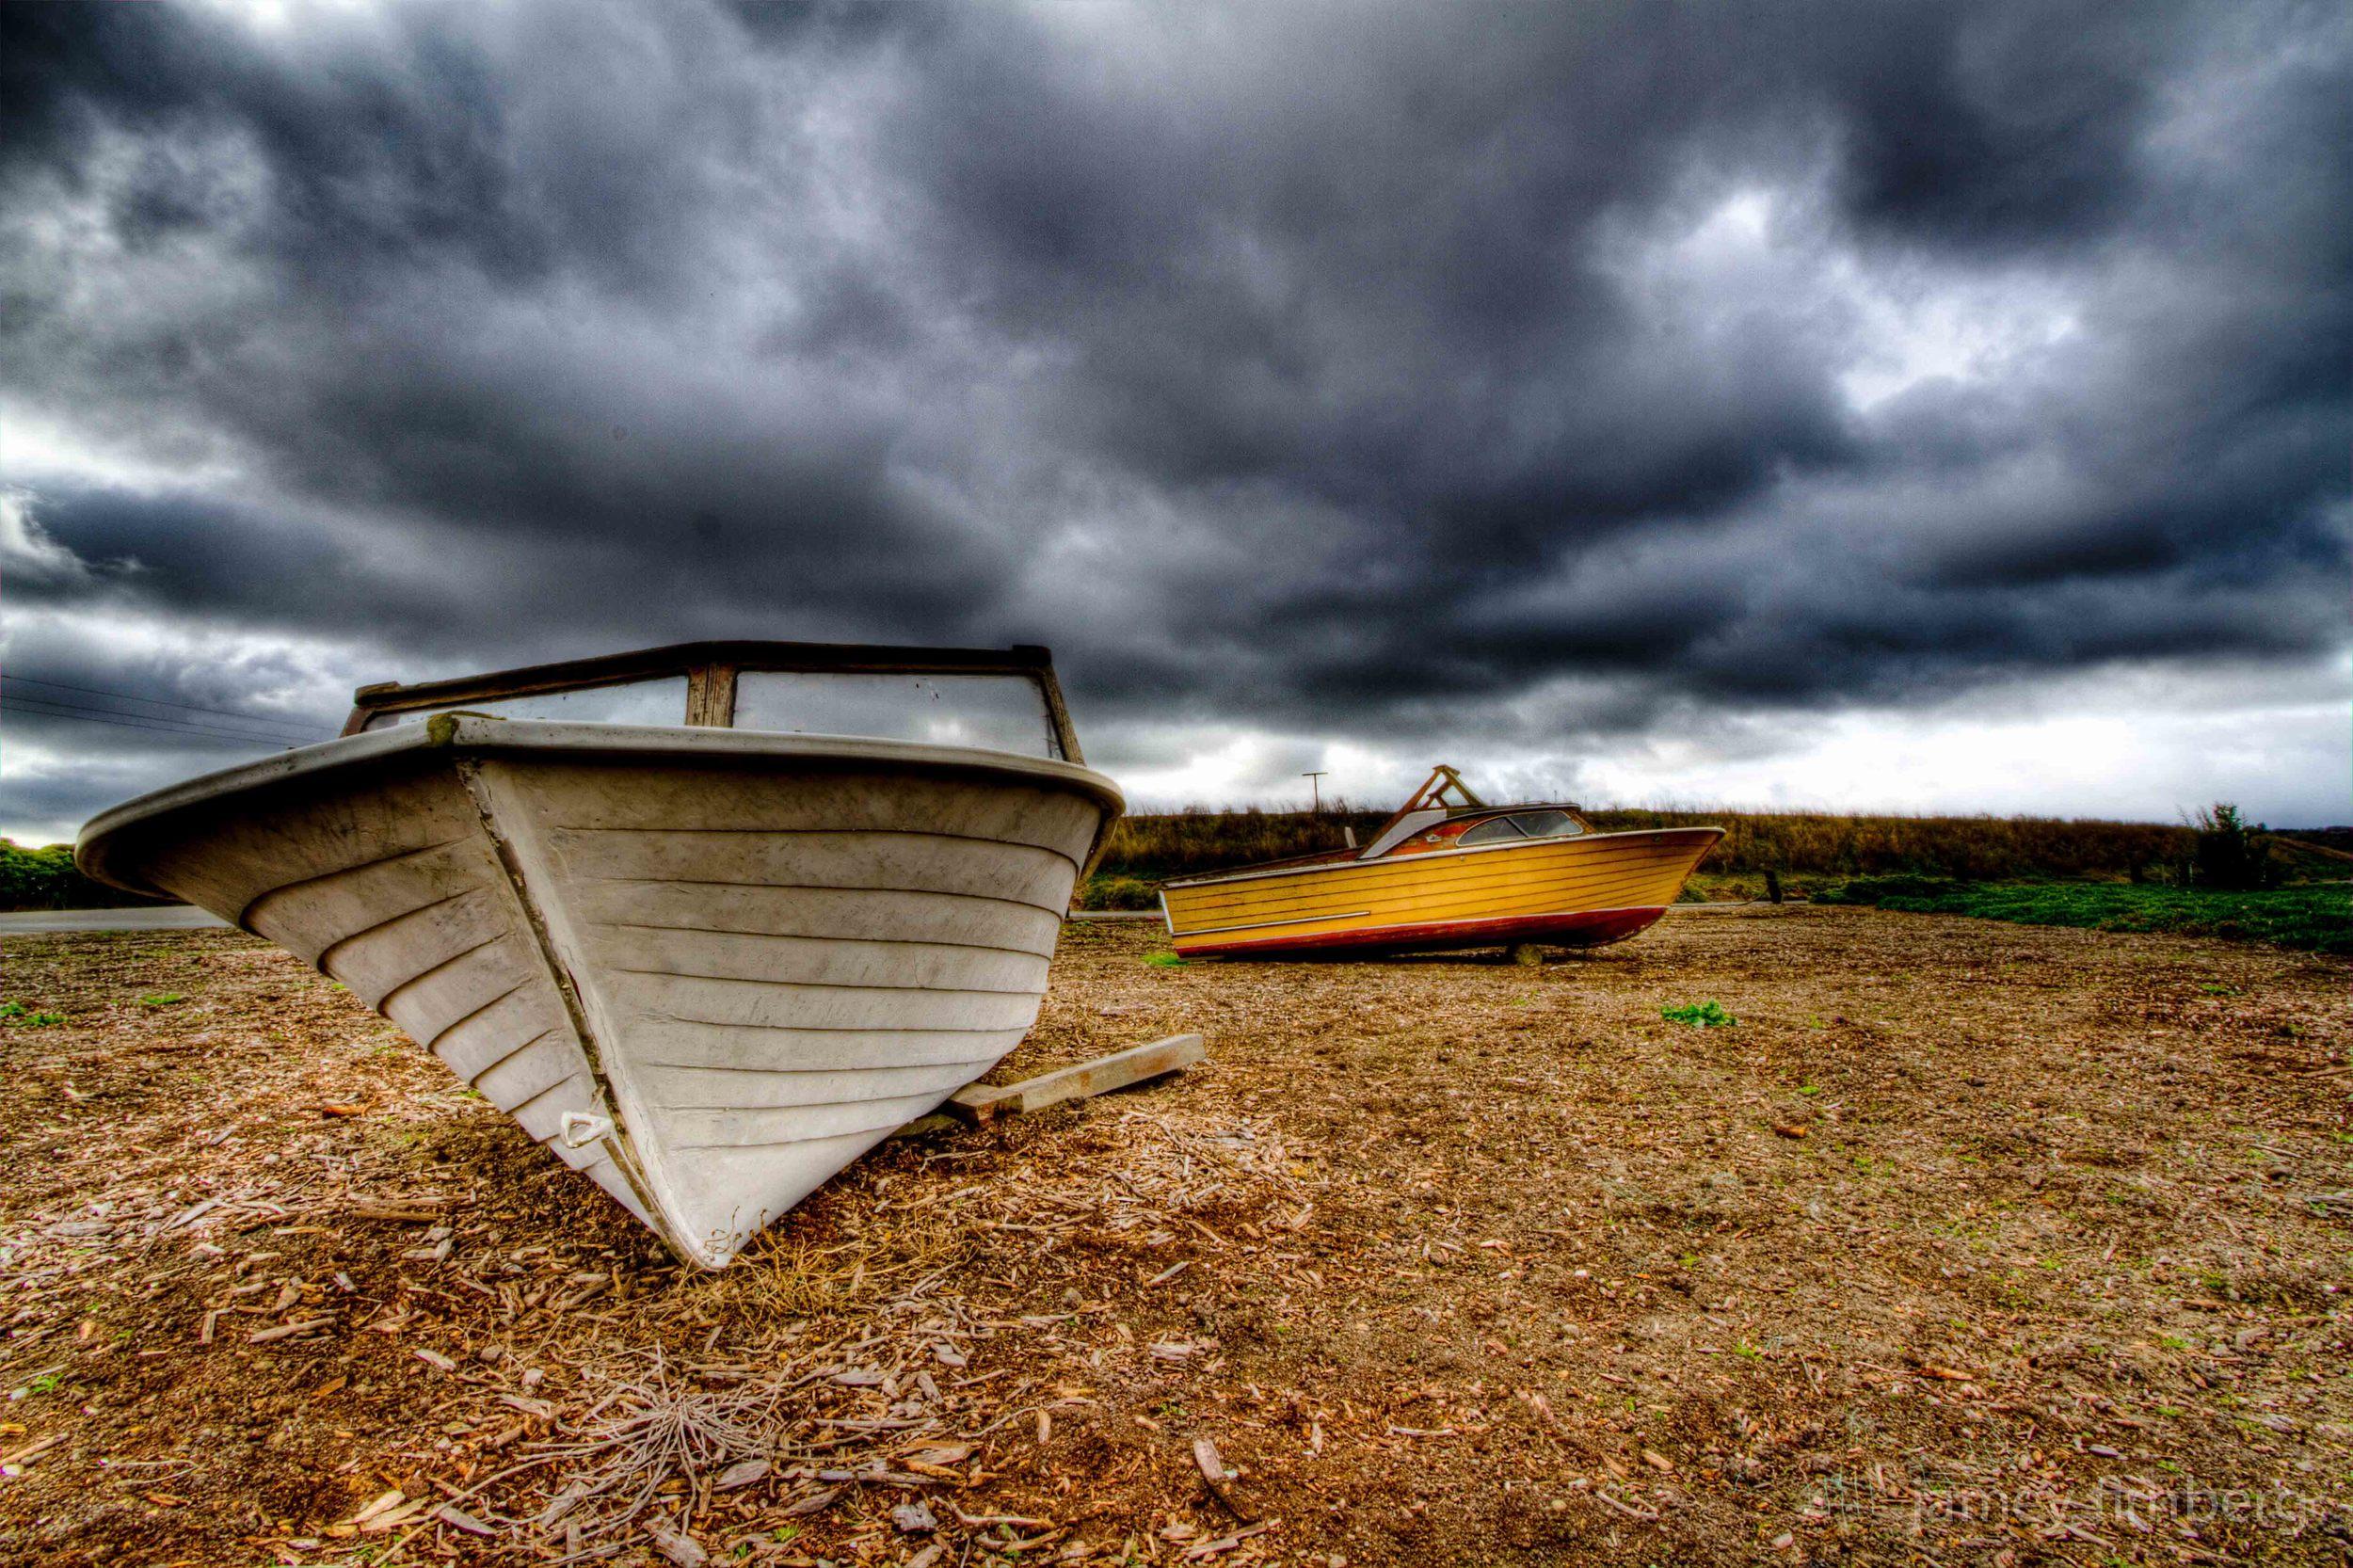 Sonoma_Boat-2.jpg